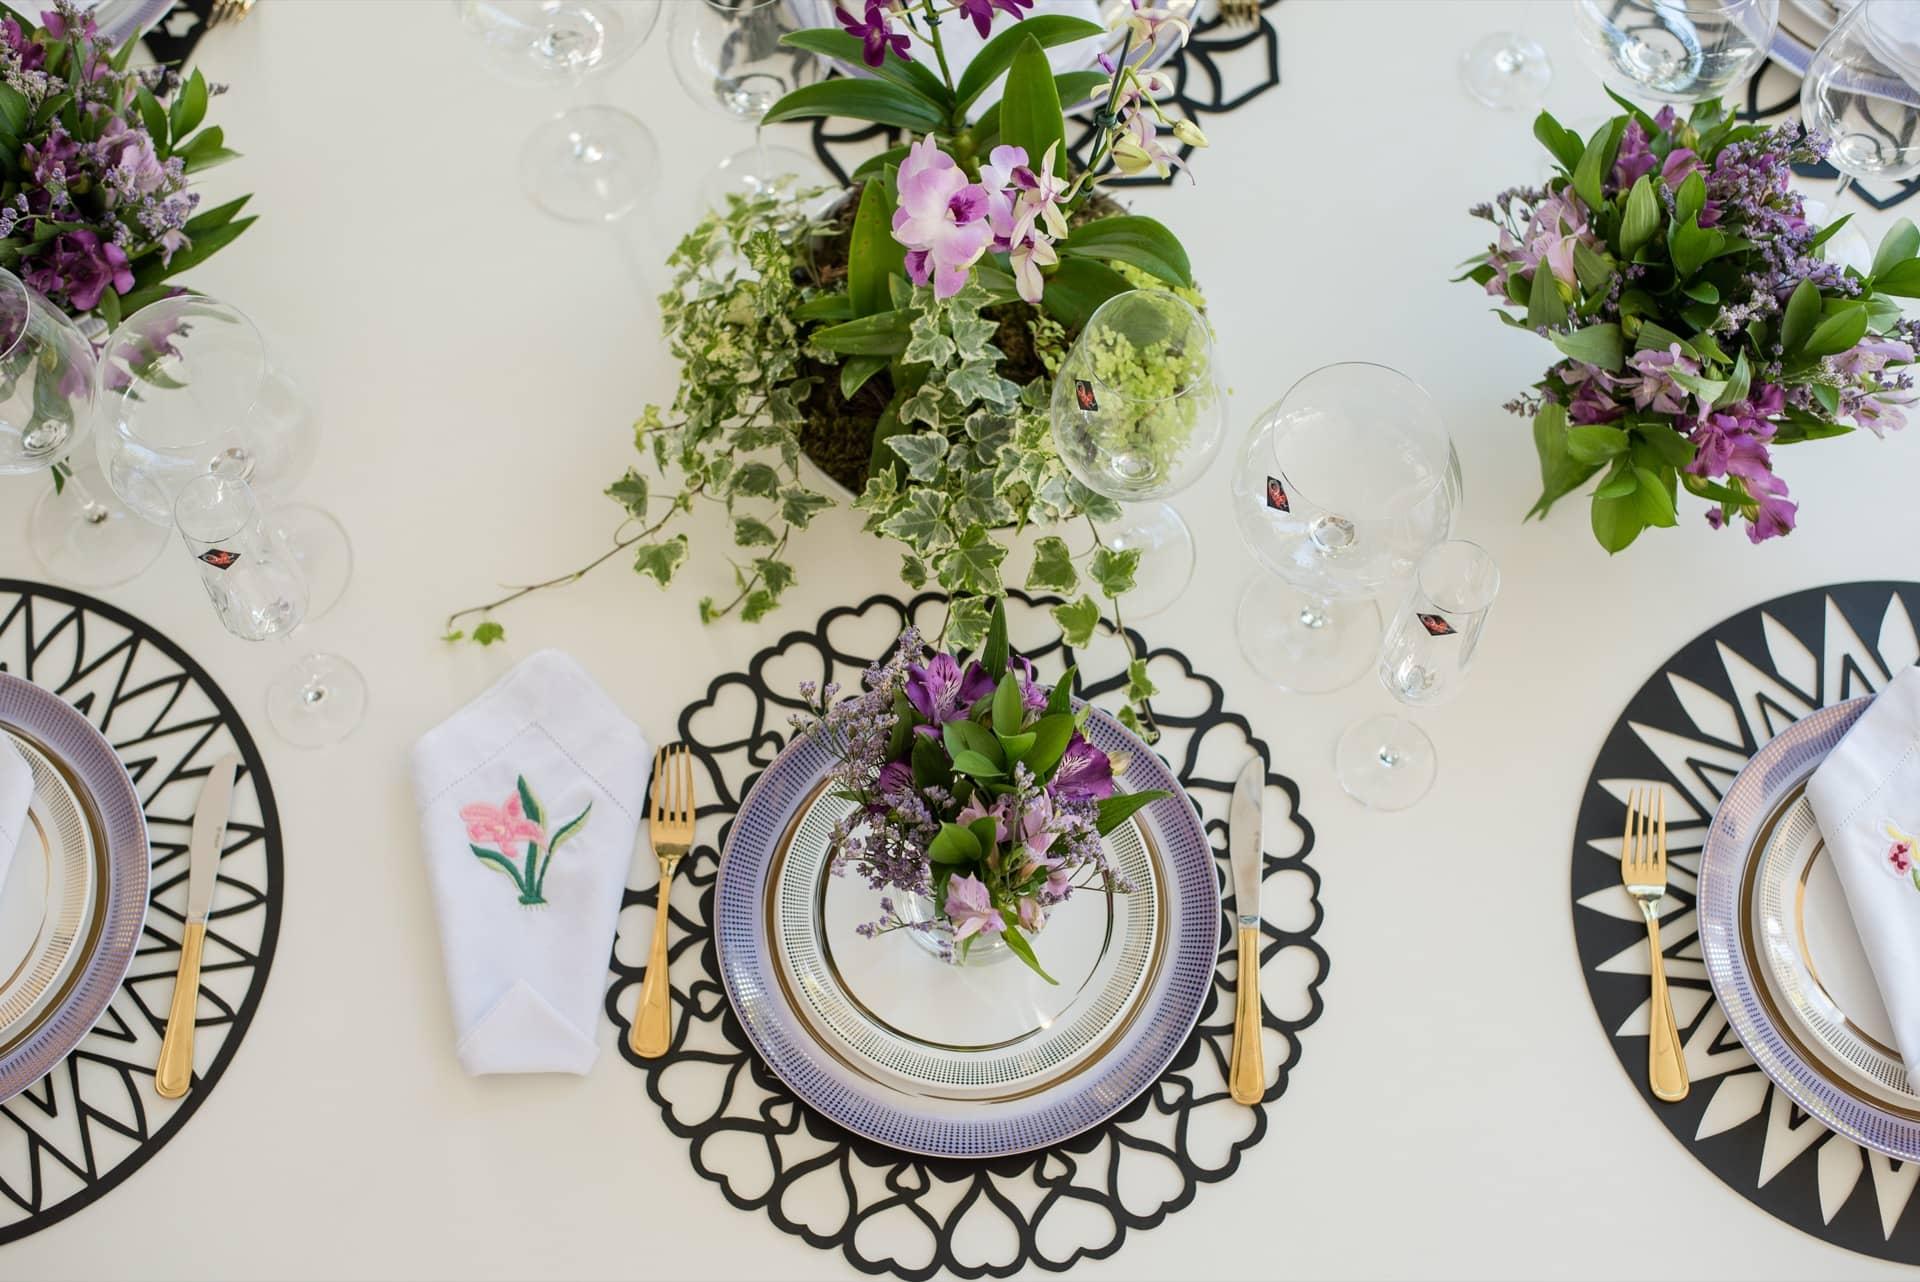 Imagem: Elementos geométricos nas louças e no jogo americano renovam a mesa decorada para o Dia das Mães. Foto: Karla Rudnick.